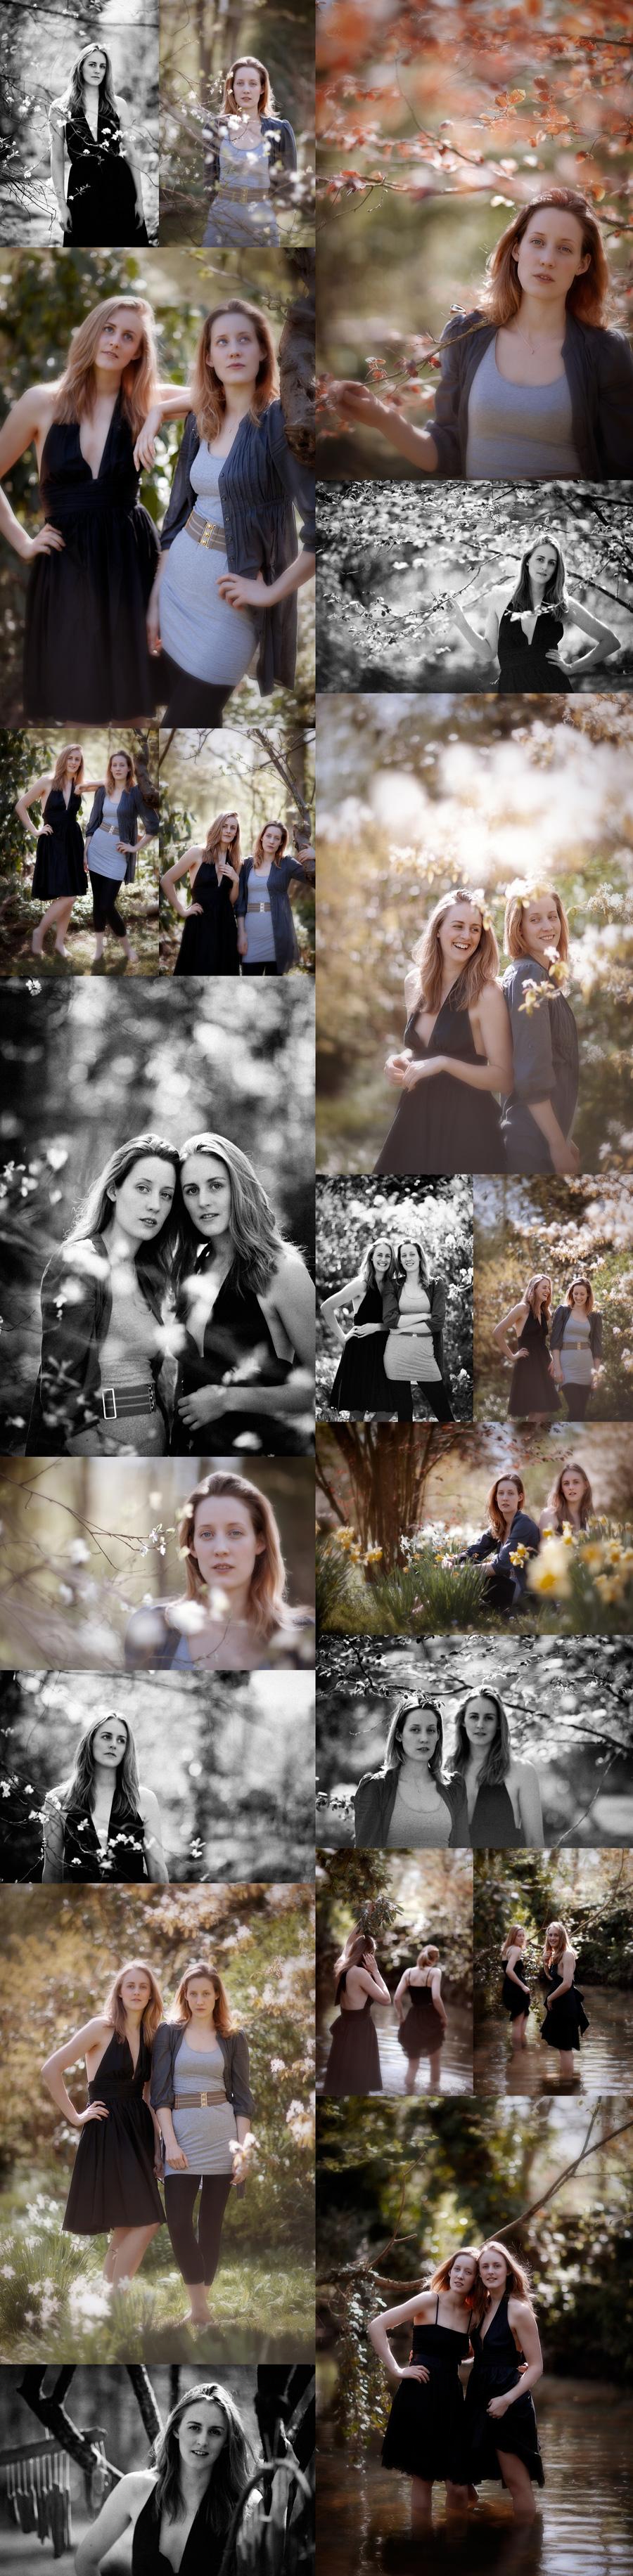 April & Polly - Norwich Portrait Photography - Natural light portraits Norfolk - Freelance Portrait Photographer - Sophie Laslett